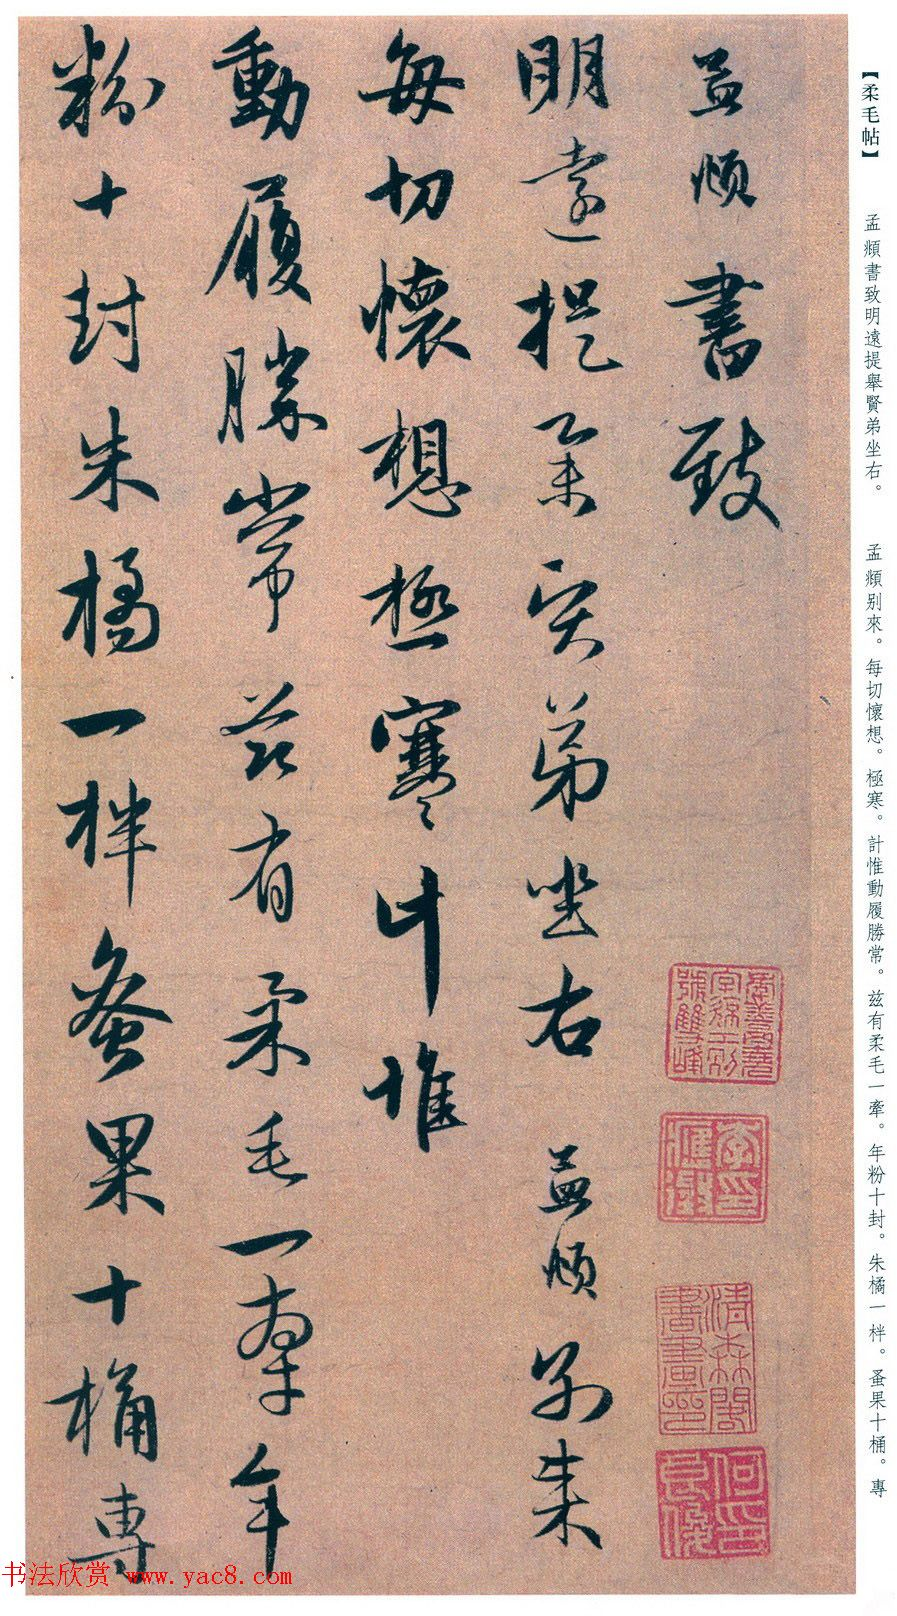 赵孟頫致明远提举尺牍《柔毛帖》